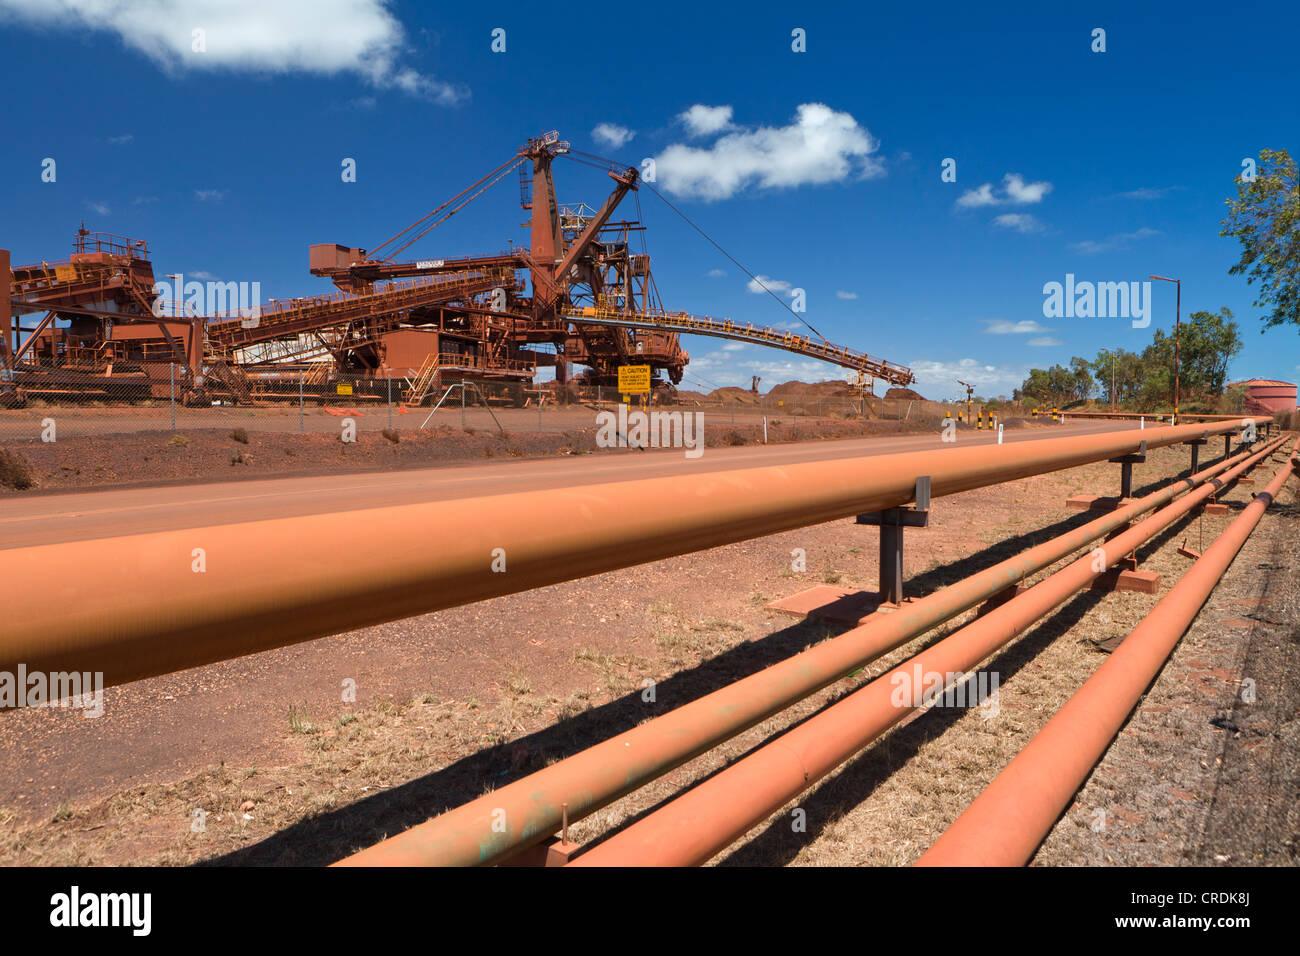 Antiguo sitio de mineral de hierro de BHP, ahora conocido como BHP mil millones, un grupo minero British-Australian, Imagen De Stock